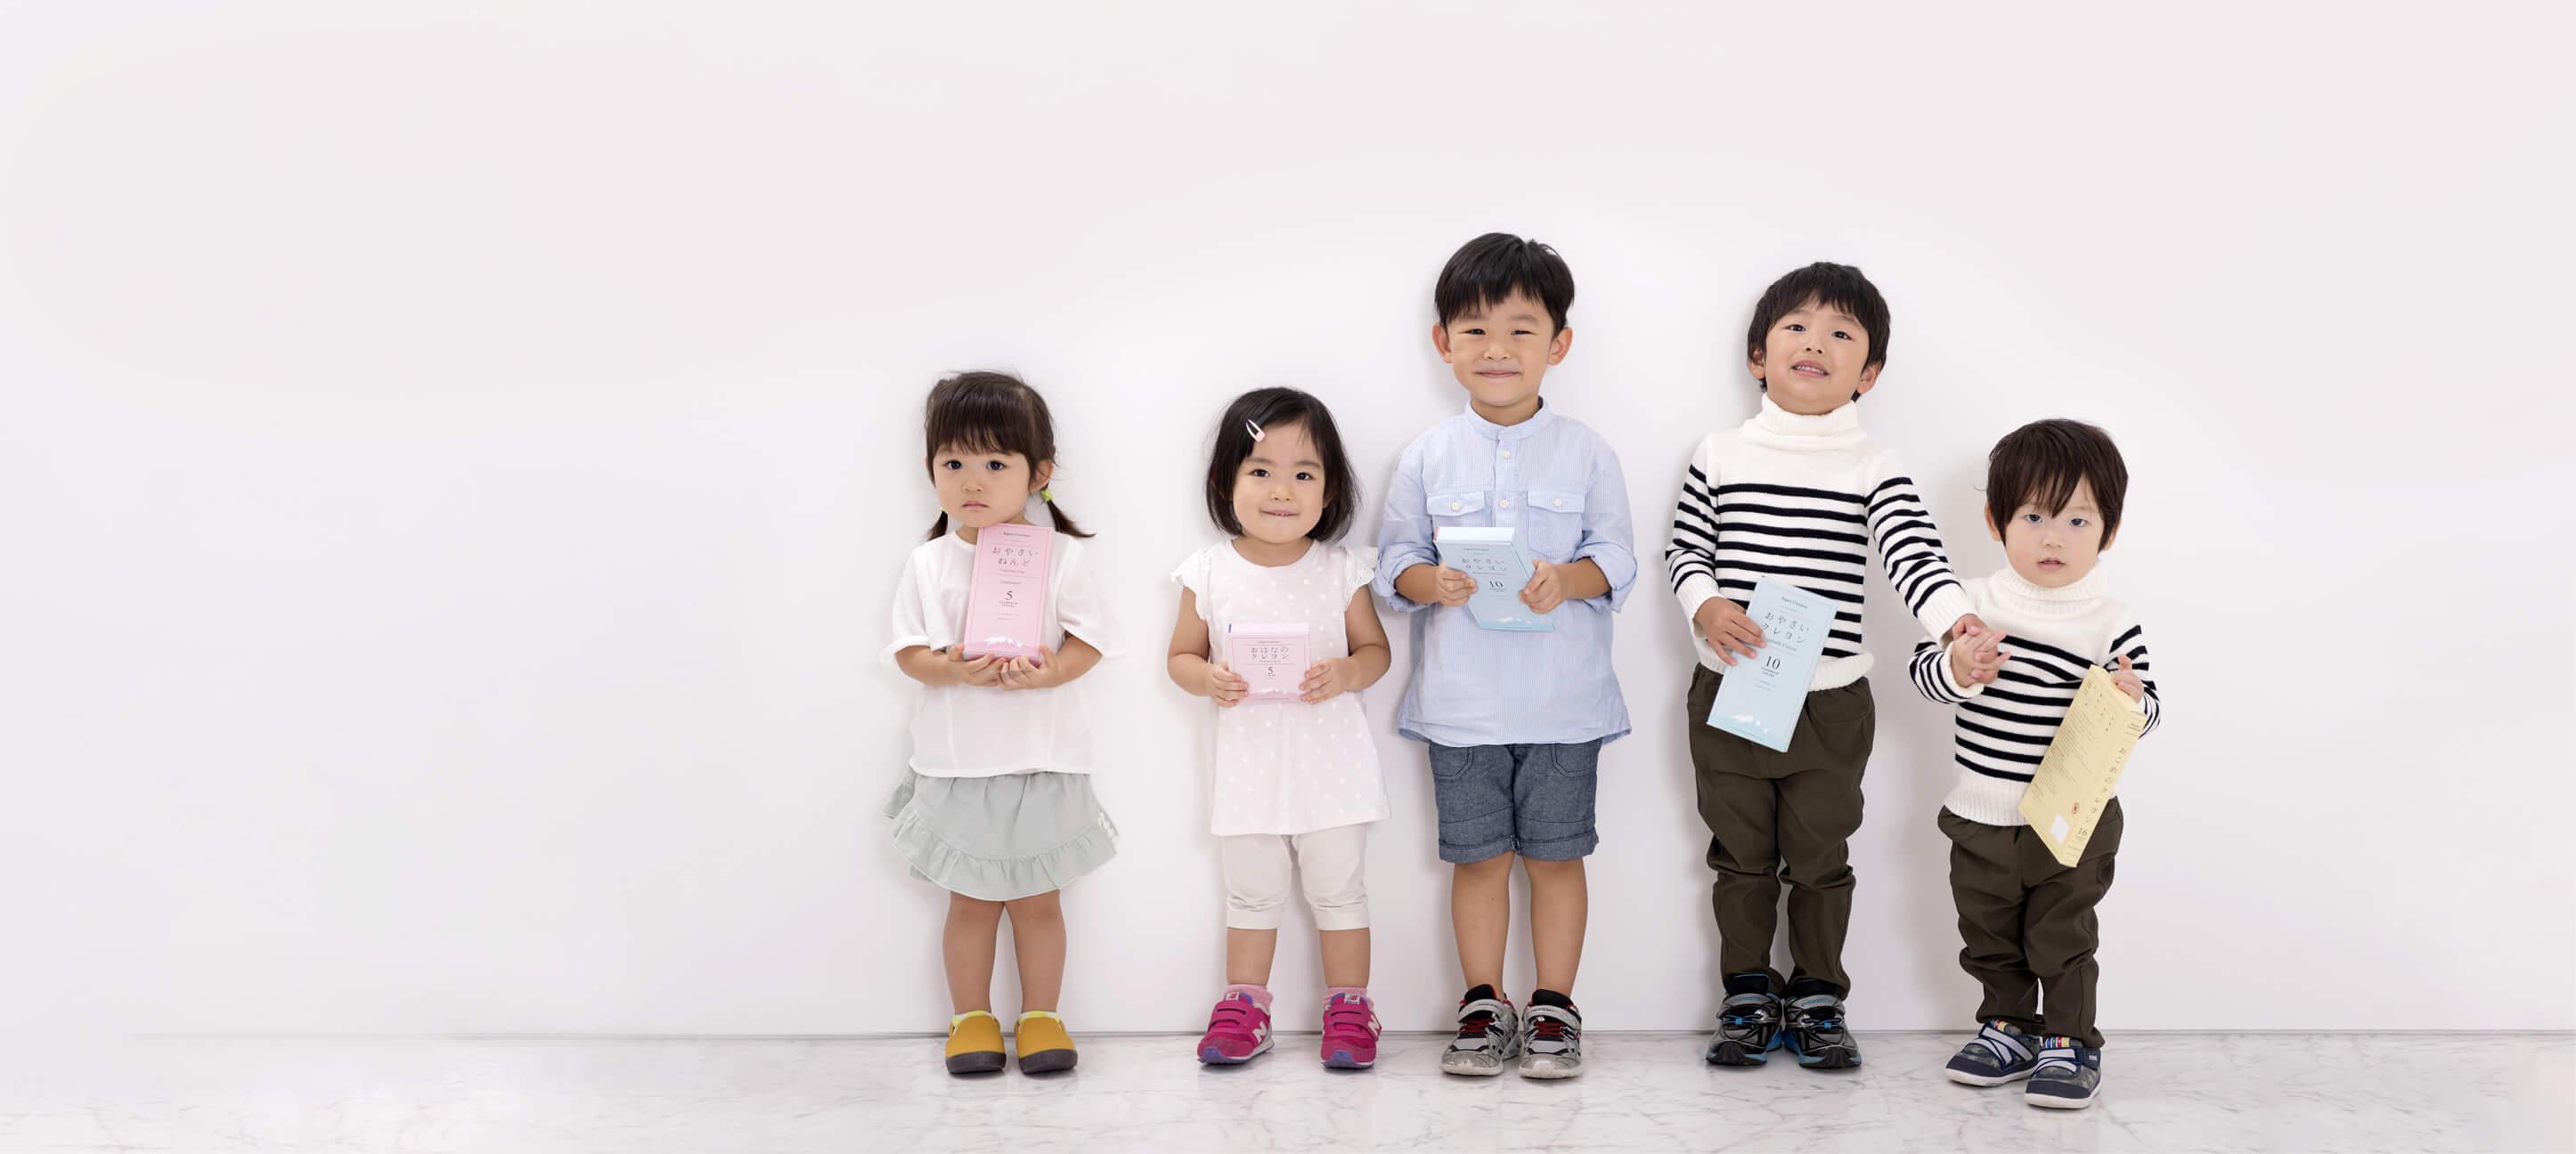 おやさいクレヨンを手に持って笑う子どもたちのスライド画像